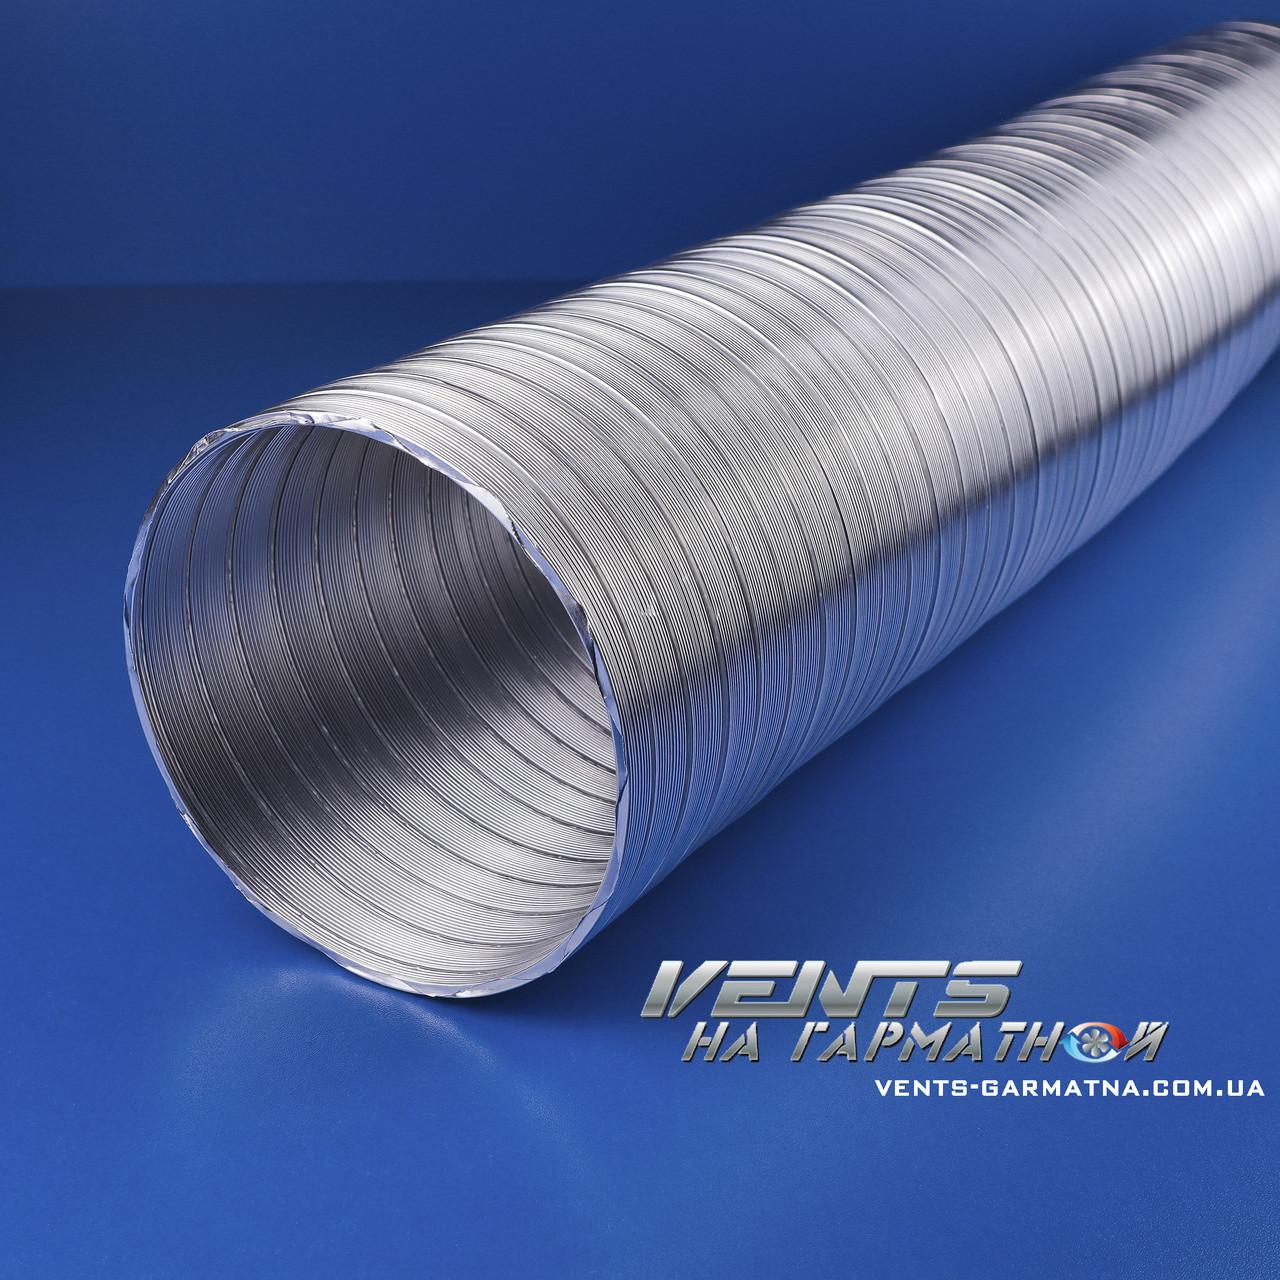 Вентс Алювент Н 125/3. Полугибкие воздуховоды из алюминия